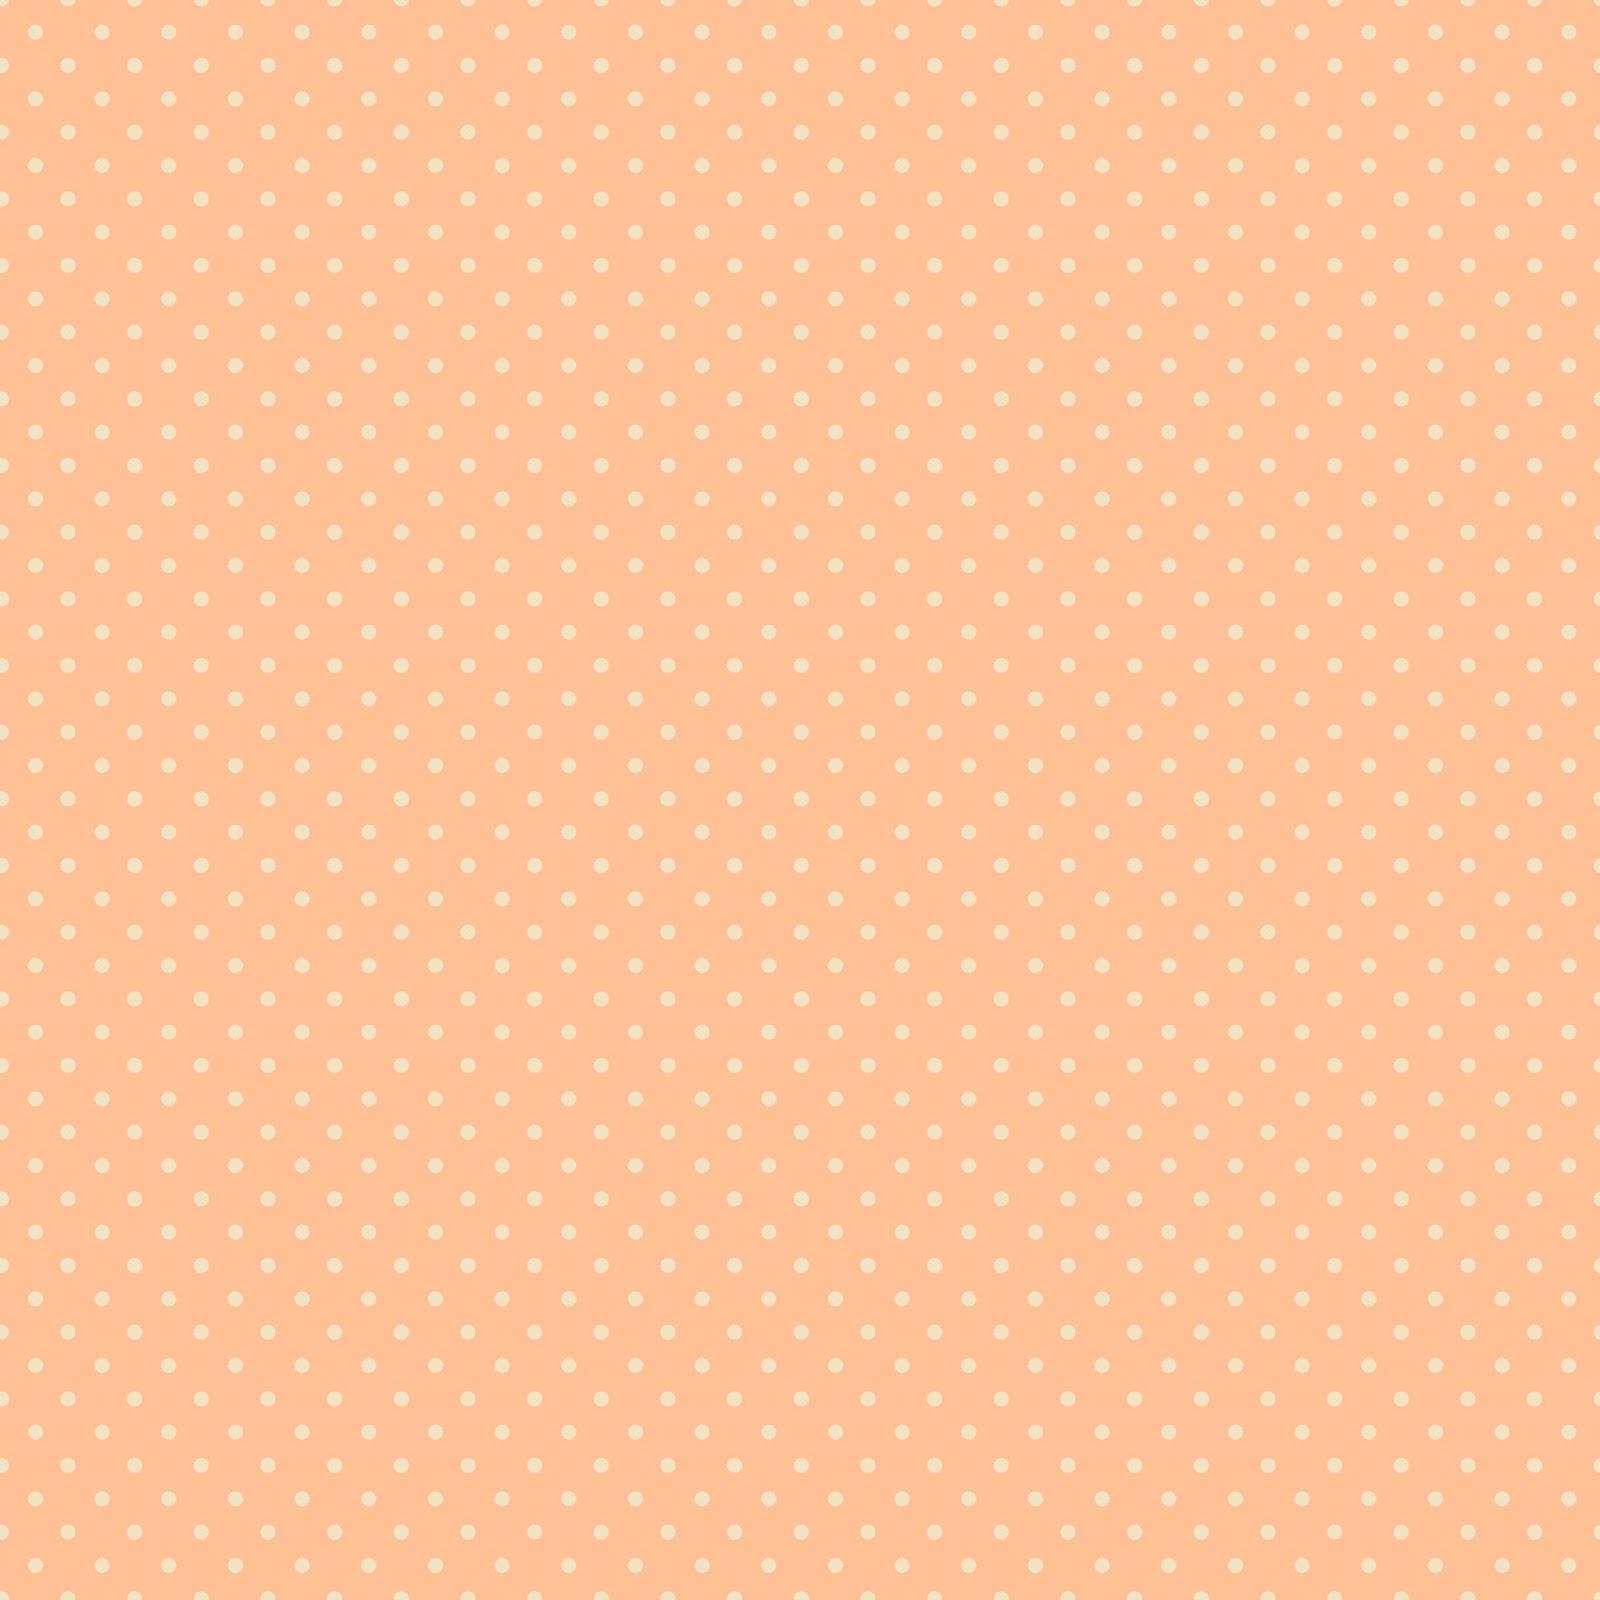 Scrapbook paper download - Digital Paper Background Download Polka Dot